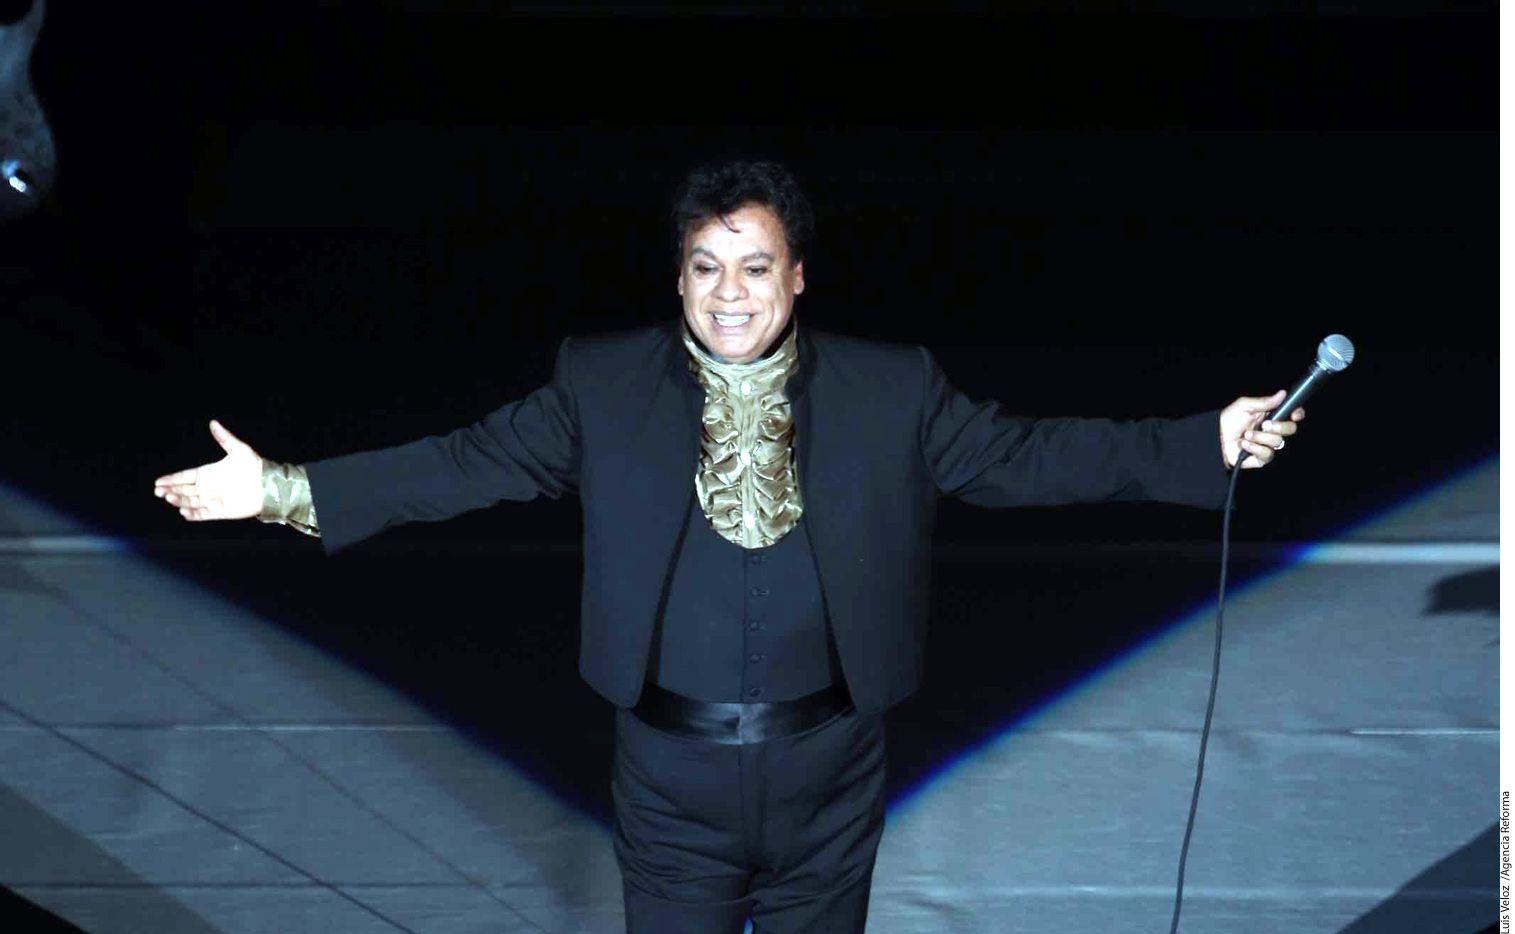 Otros homenajes a Juan Gabriel se realizarán por parte del Gobierno de la Ciudad de México, al igual que en Ciudad Juárez y Michoacán./AGENCIA REFORMA